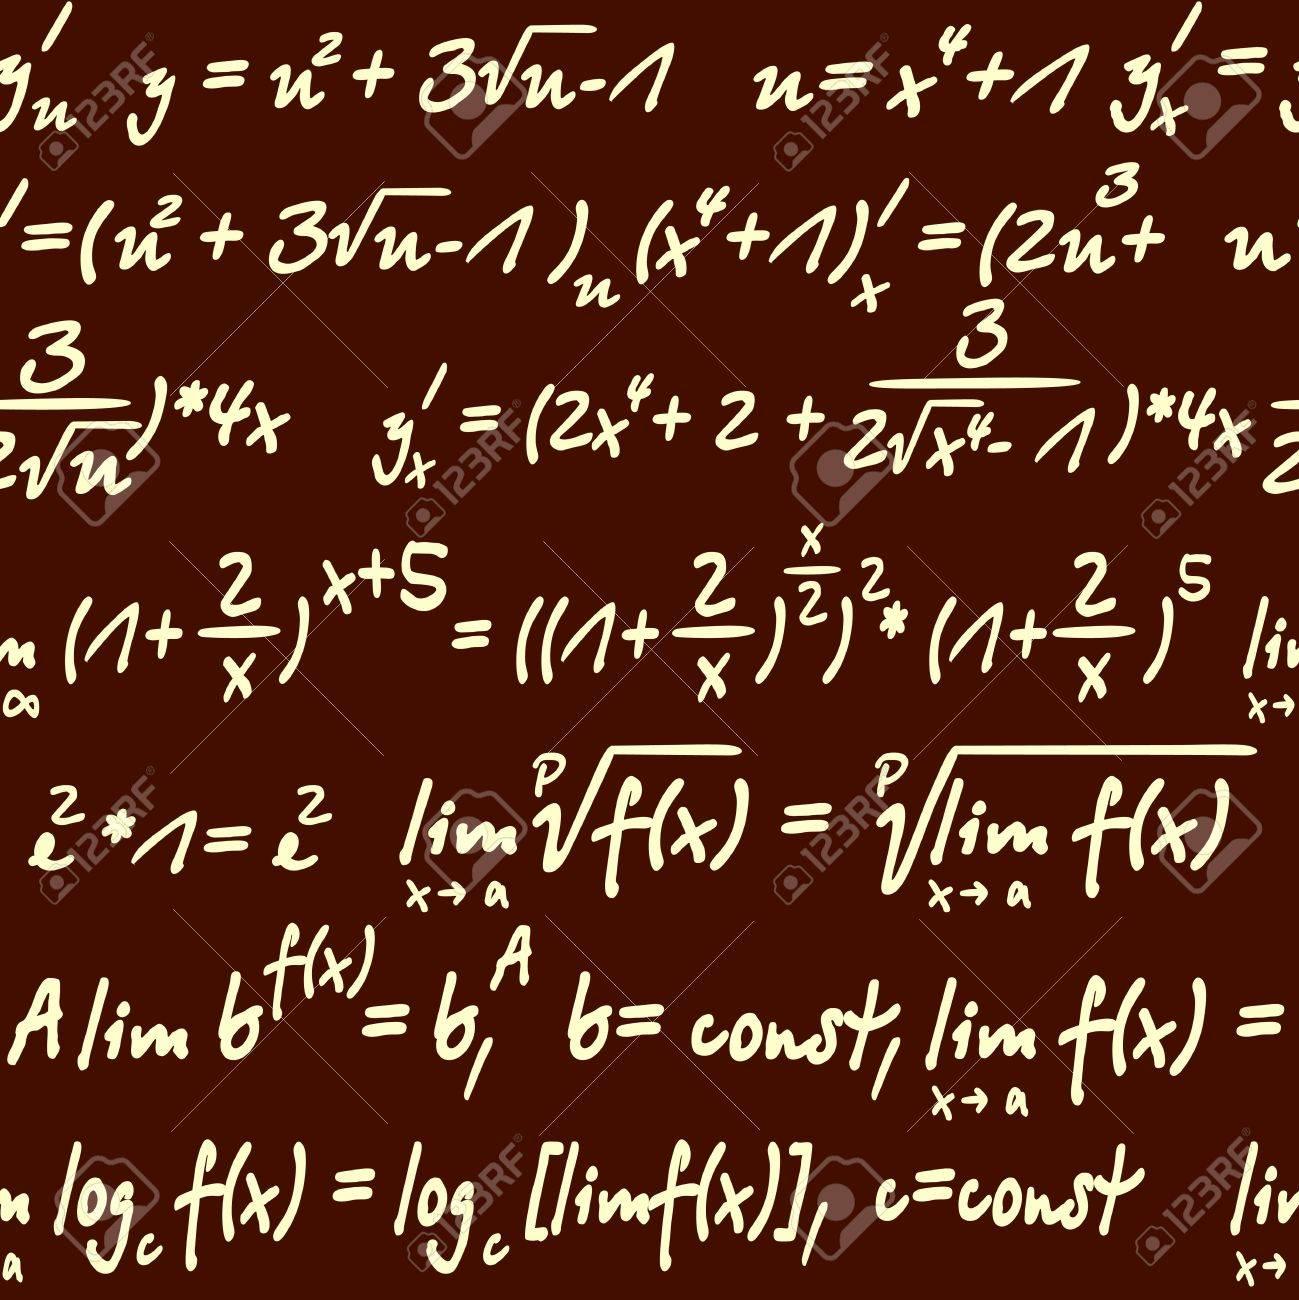 背景や壁紙のデザインのための数学記号とシームレスな科学のイラスト